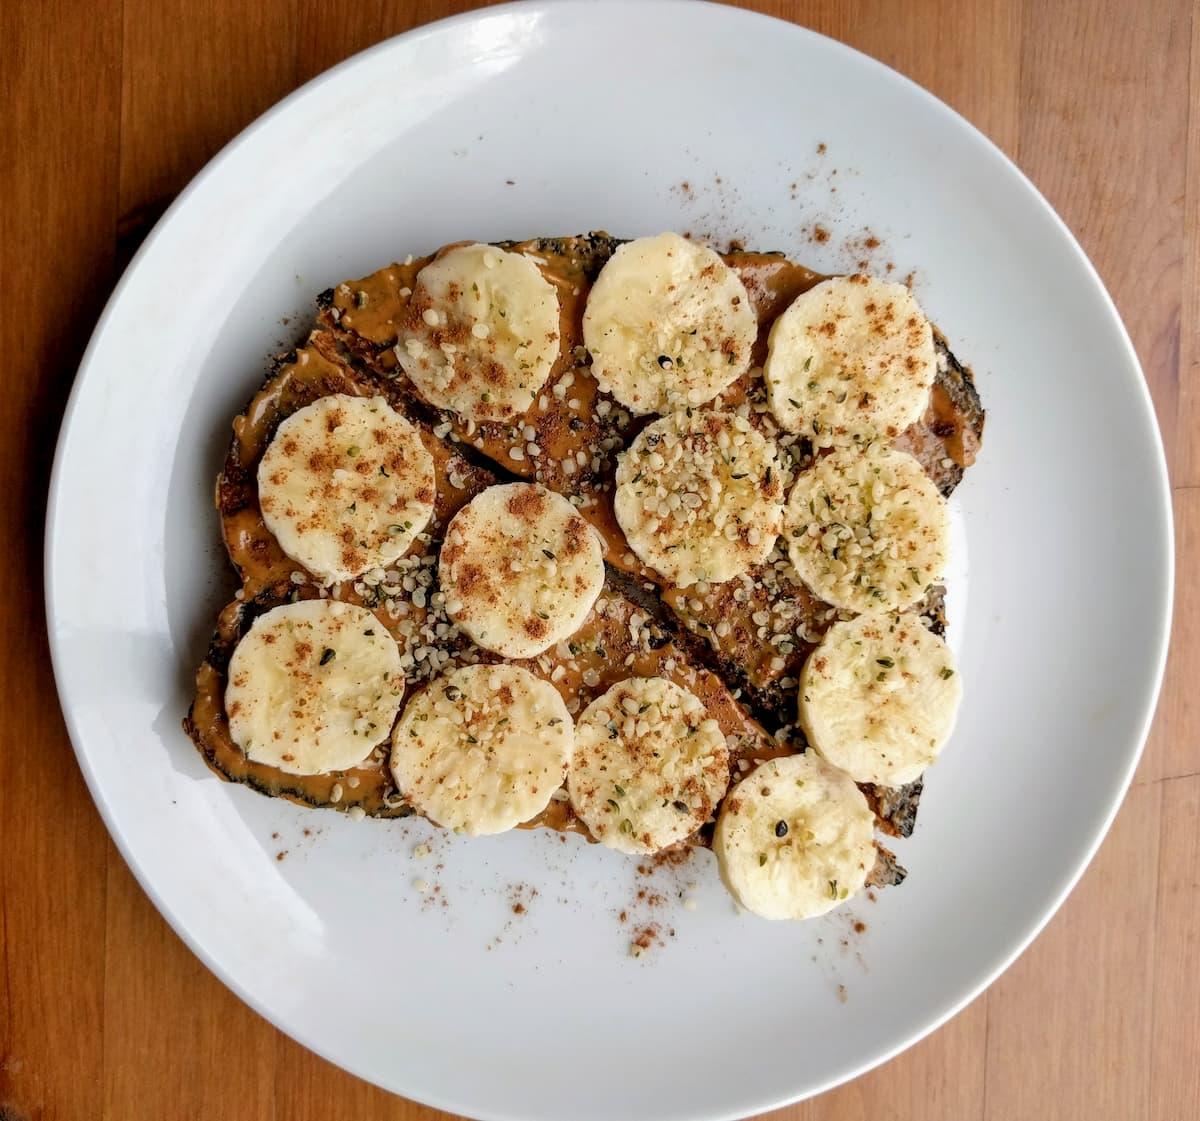 Tostada con mantequilla de maní y banano